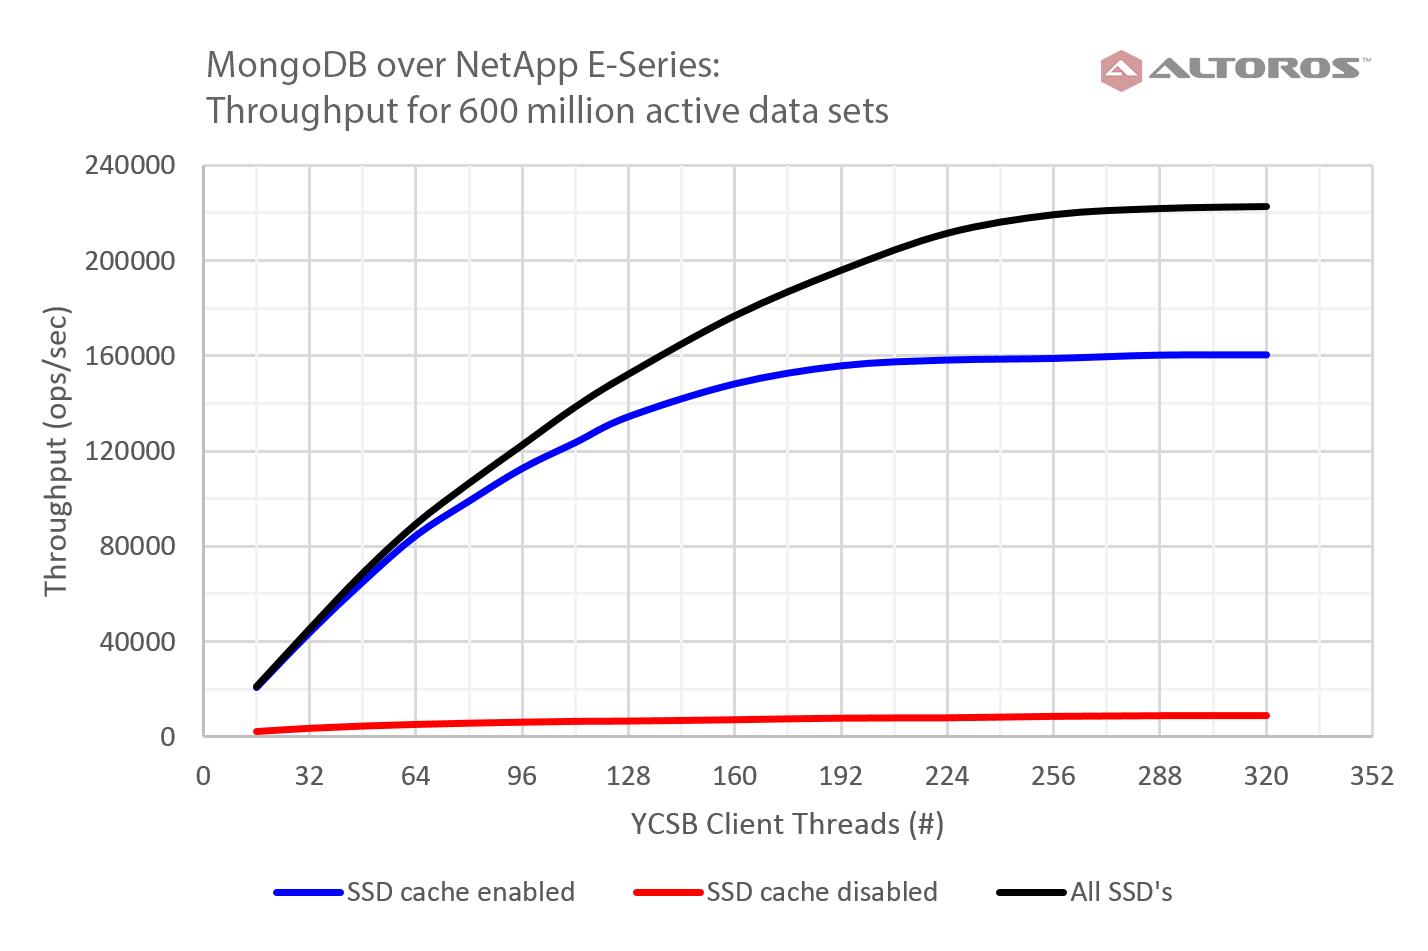 throughput-comparison-for-600-million-documents-netapp-e-series-mongodb-v6